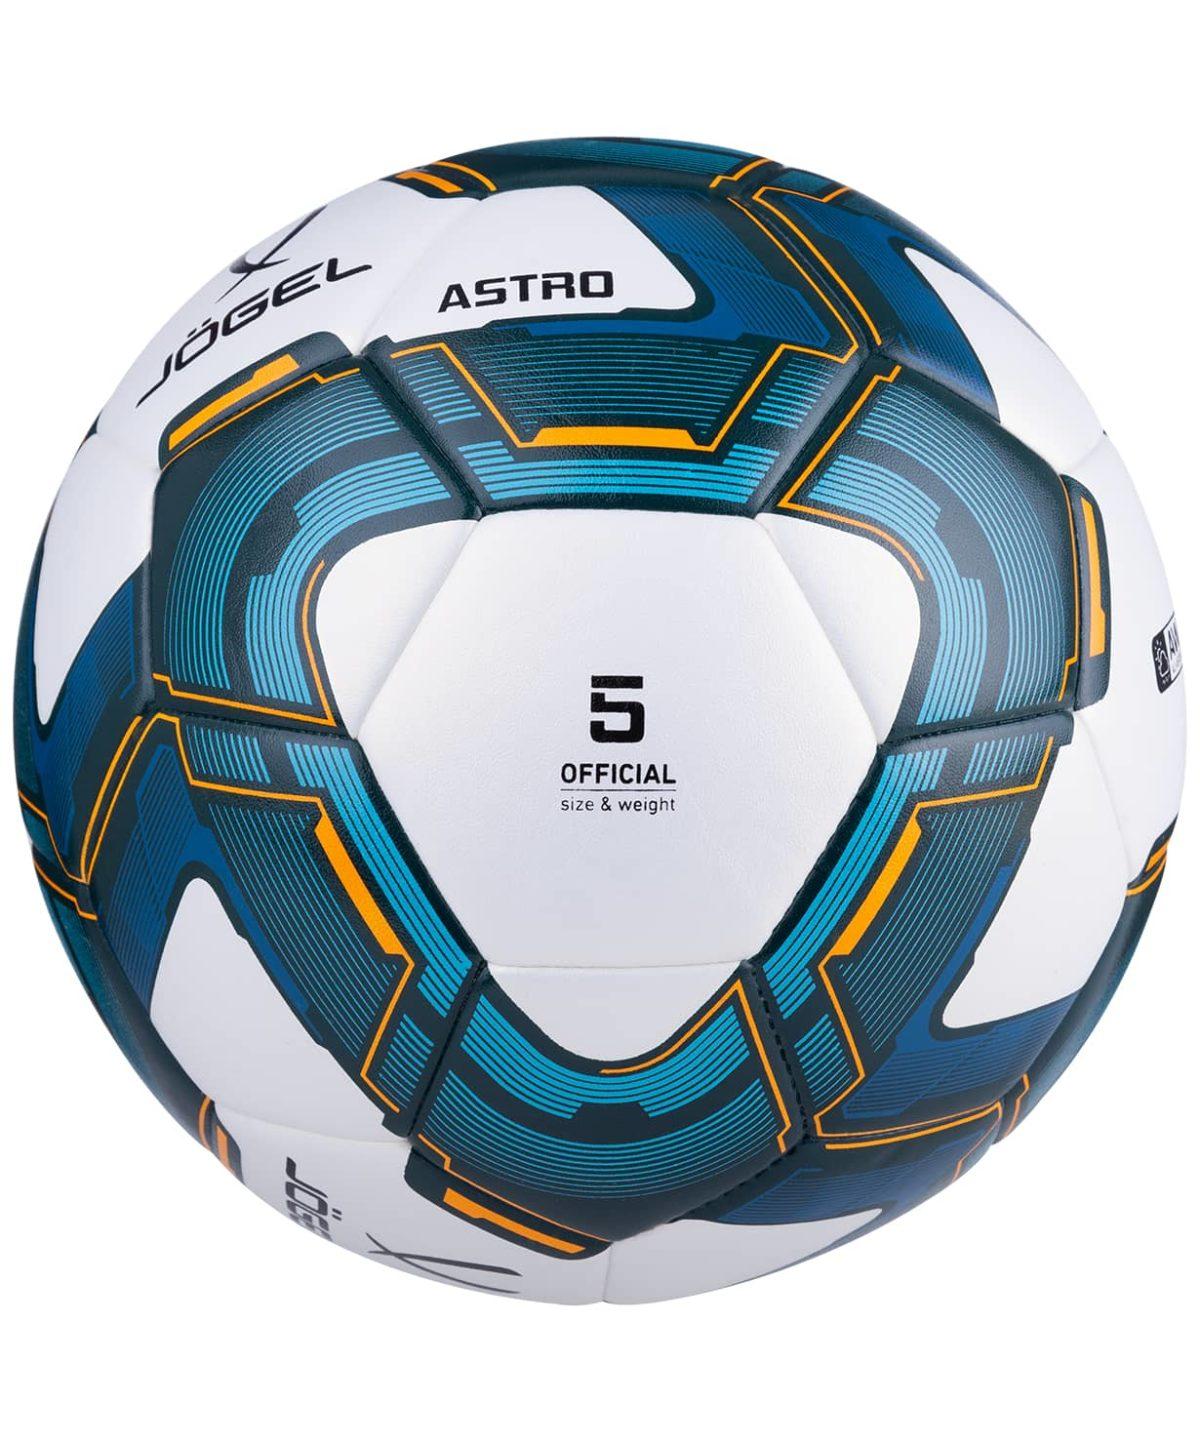 JOGEL Astro Мяч футбольный  Astro №5 (BC20) - 7